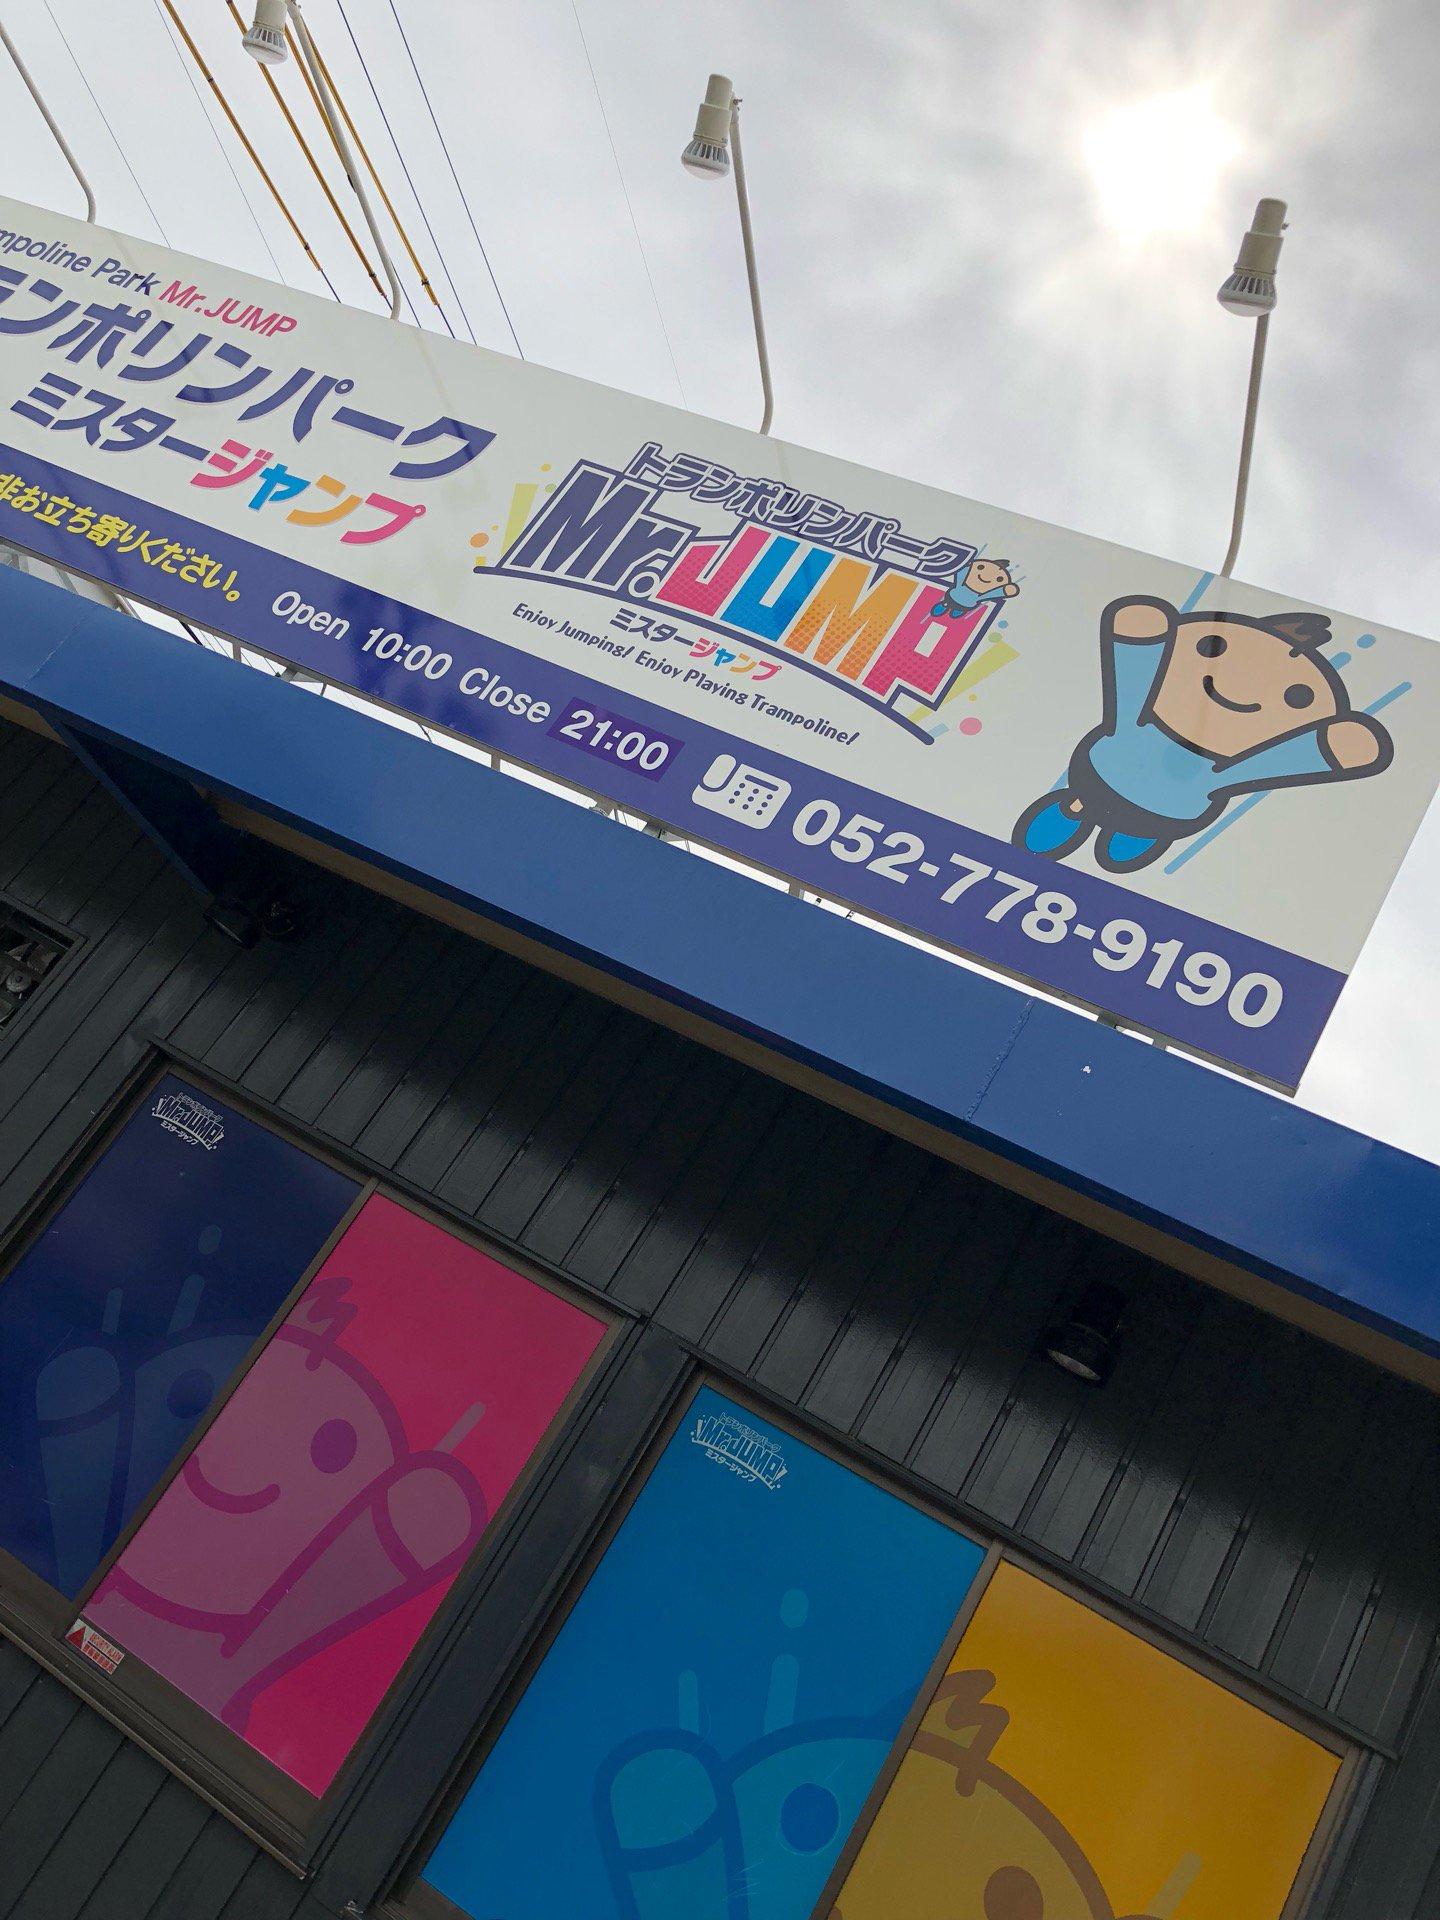 ミスタージャンプ守山店 (@ トランポリンパーク Mr.JUMP in 愛知県) https://t.co/mry5XDufp3 https://t.co/IEuthly1pT